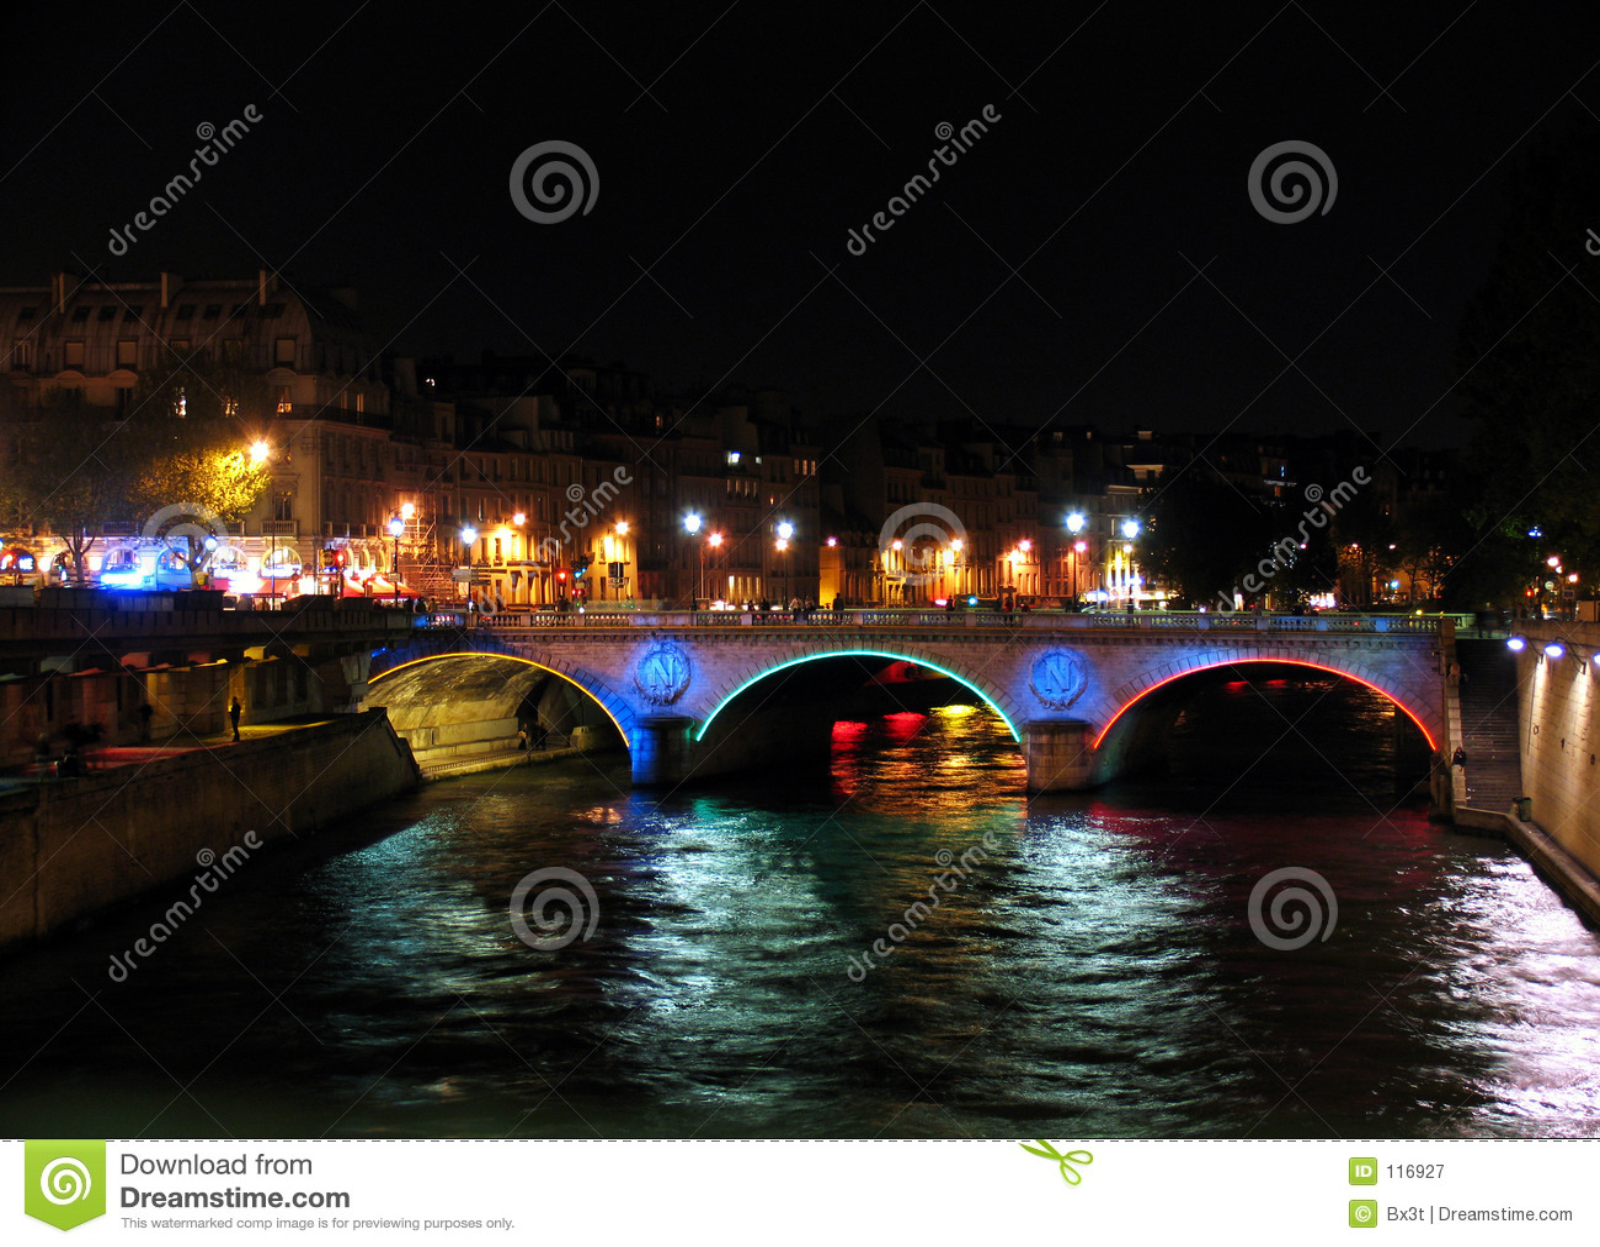 Bridge over Seine by night